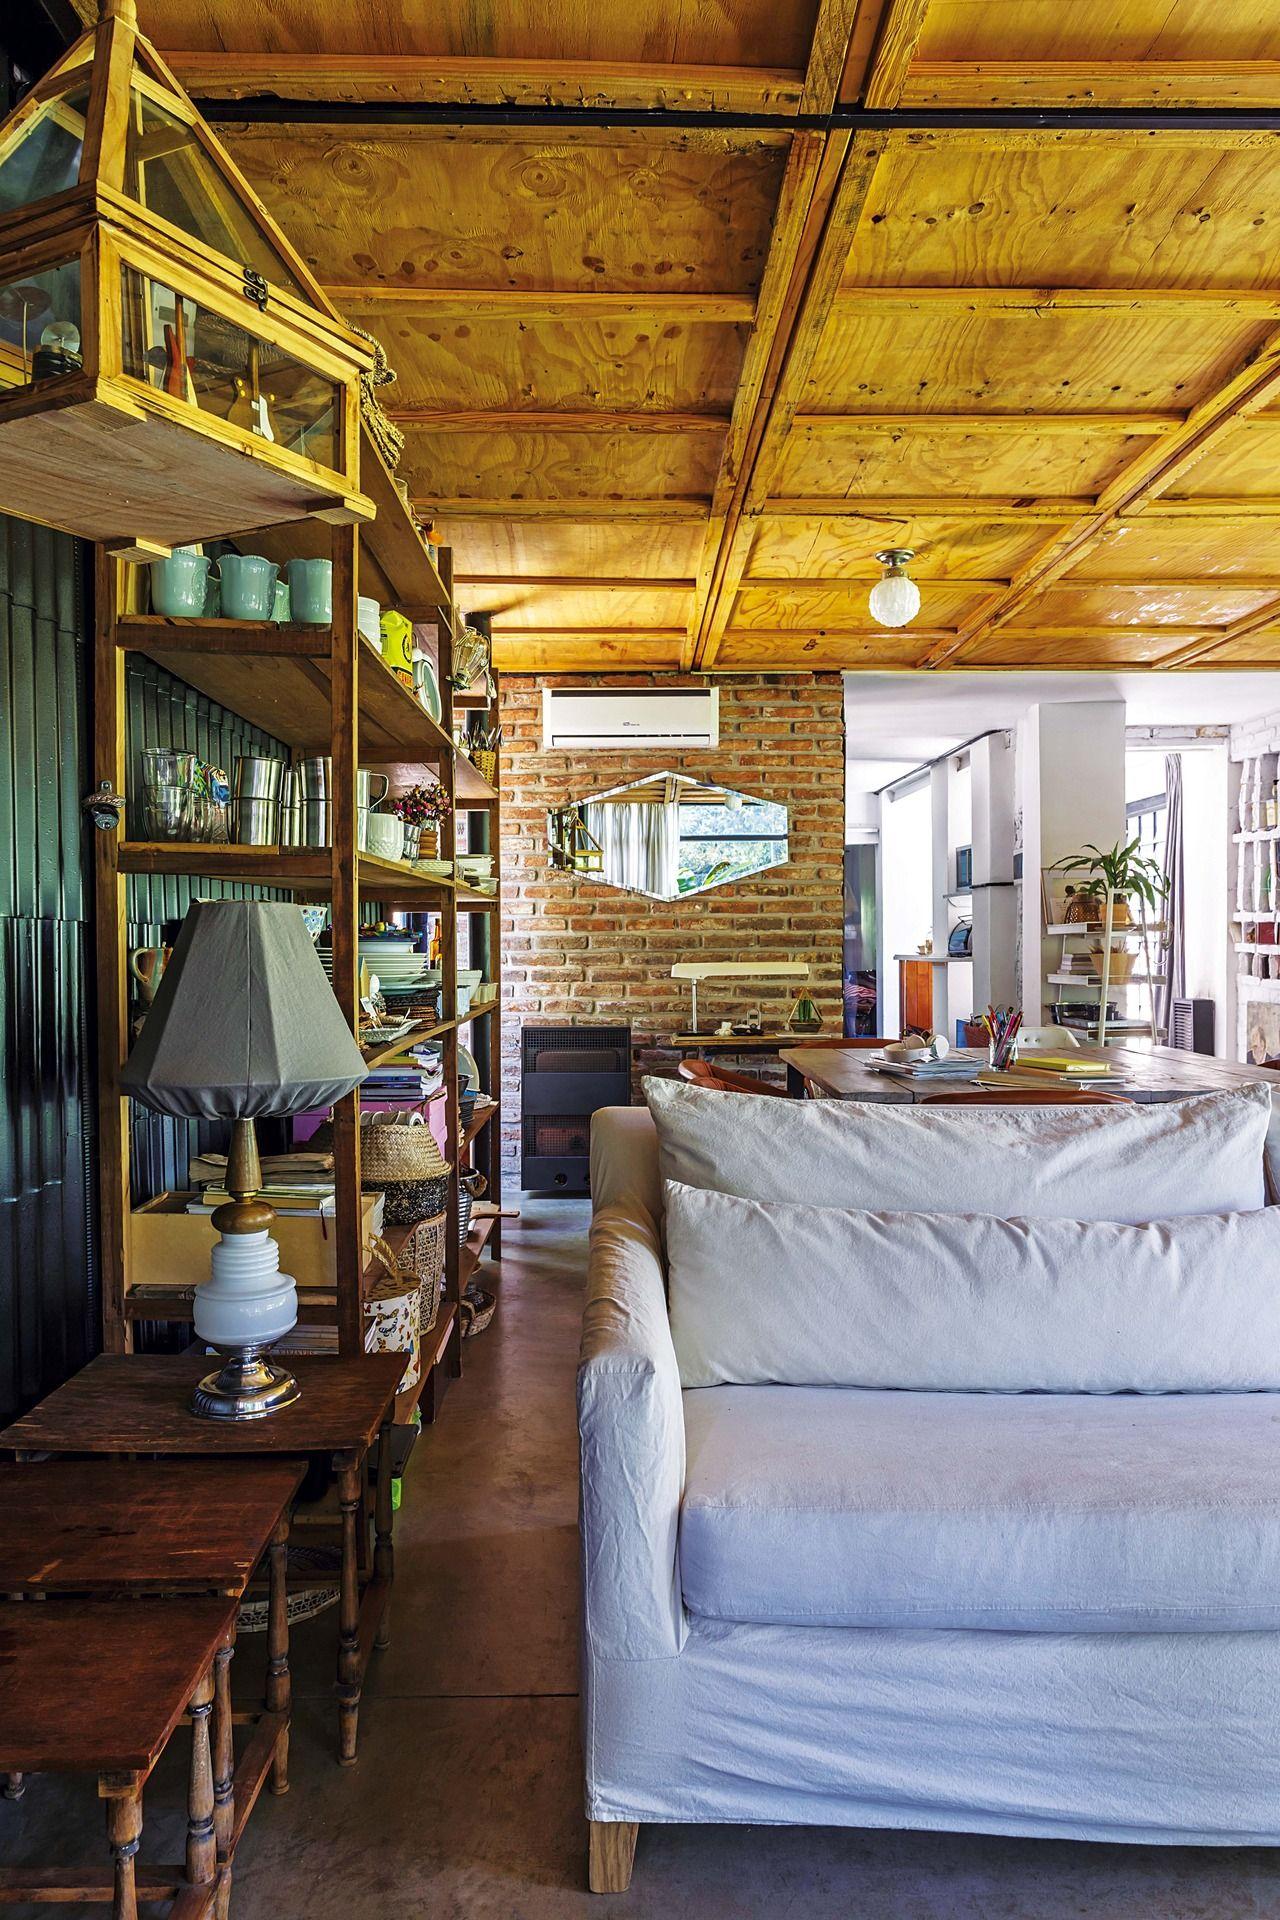 Una Casa Decorada Con Materiales Fuera De Lo Com N Ladrillos  # Muebles Rusticos Con Toque Moderno